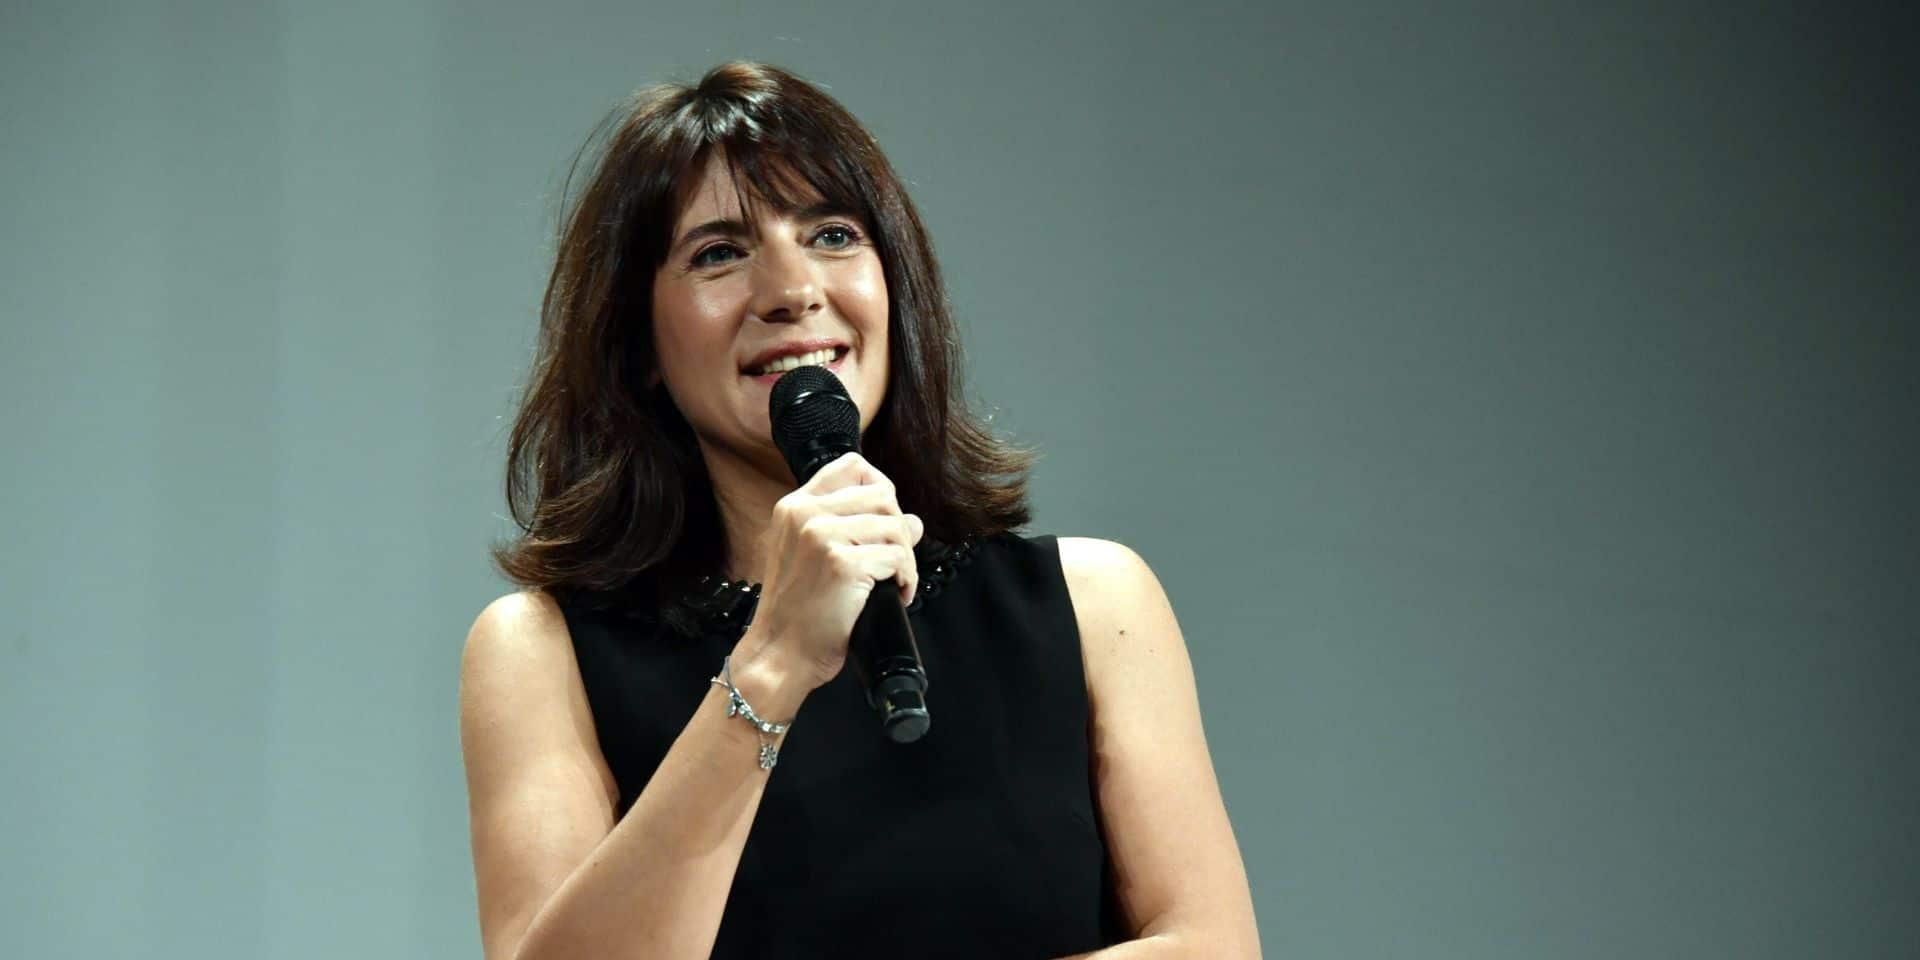 Les adieux remplis d'émotions d'Estelle Denis à L'Equipe TV